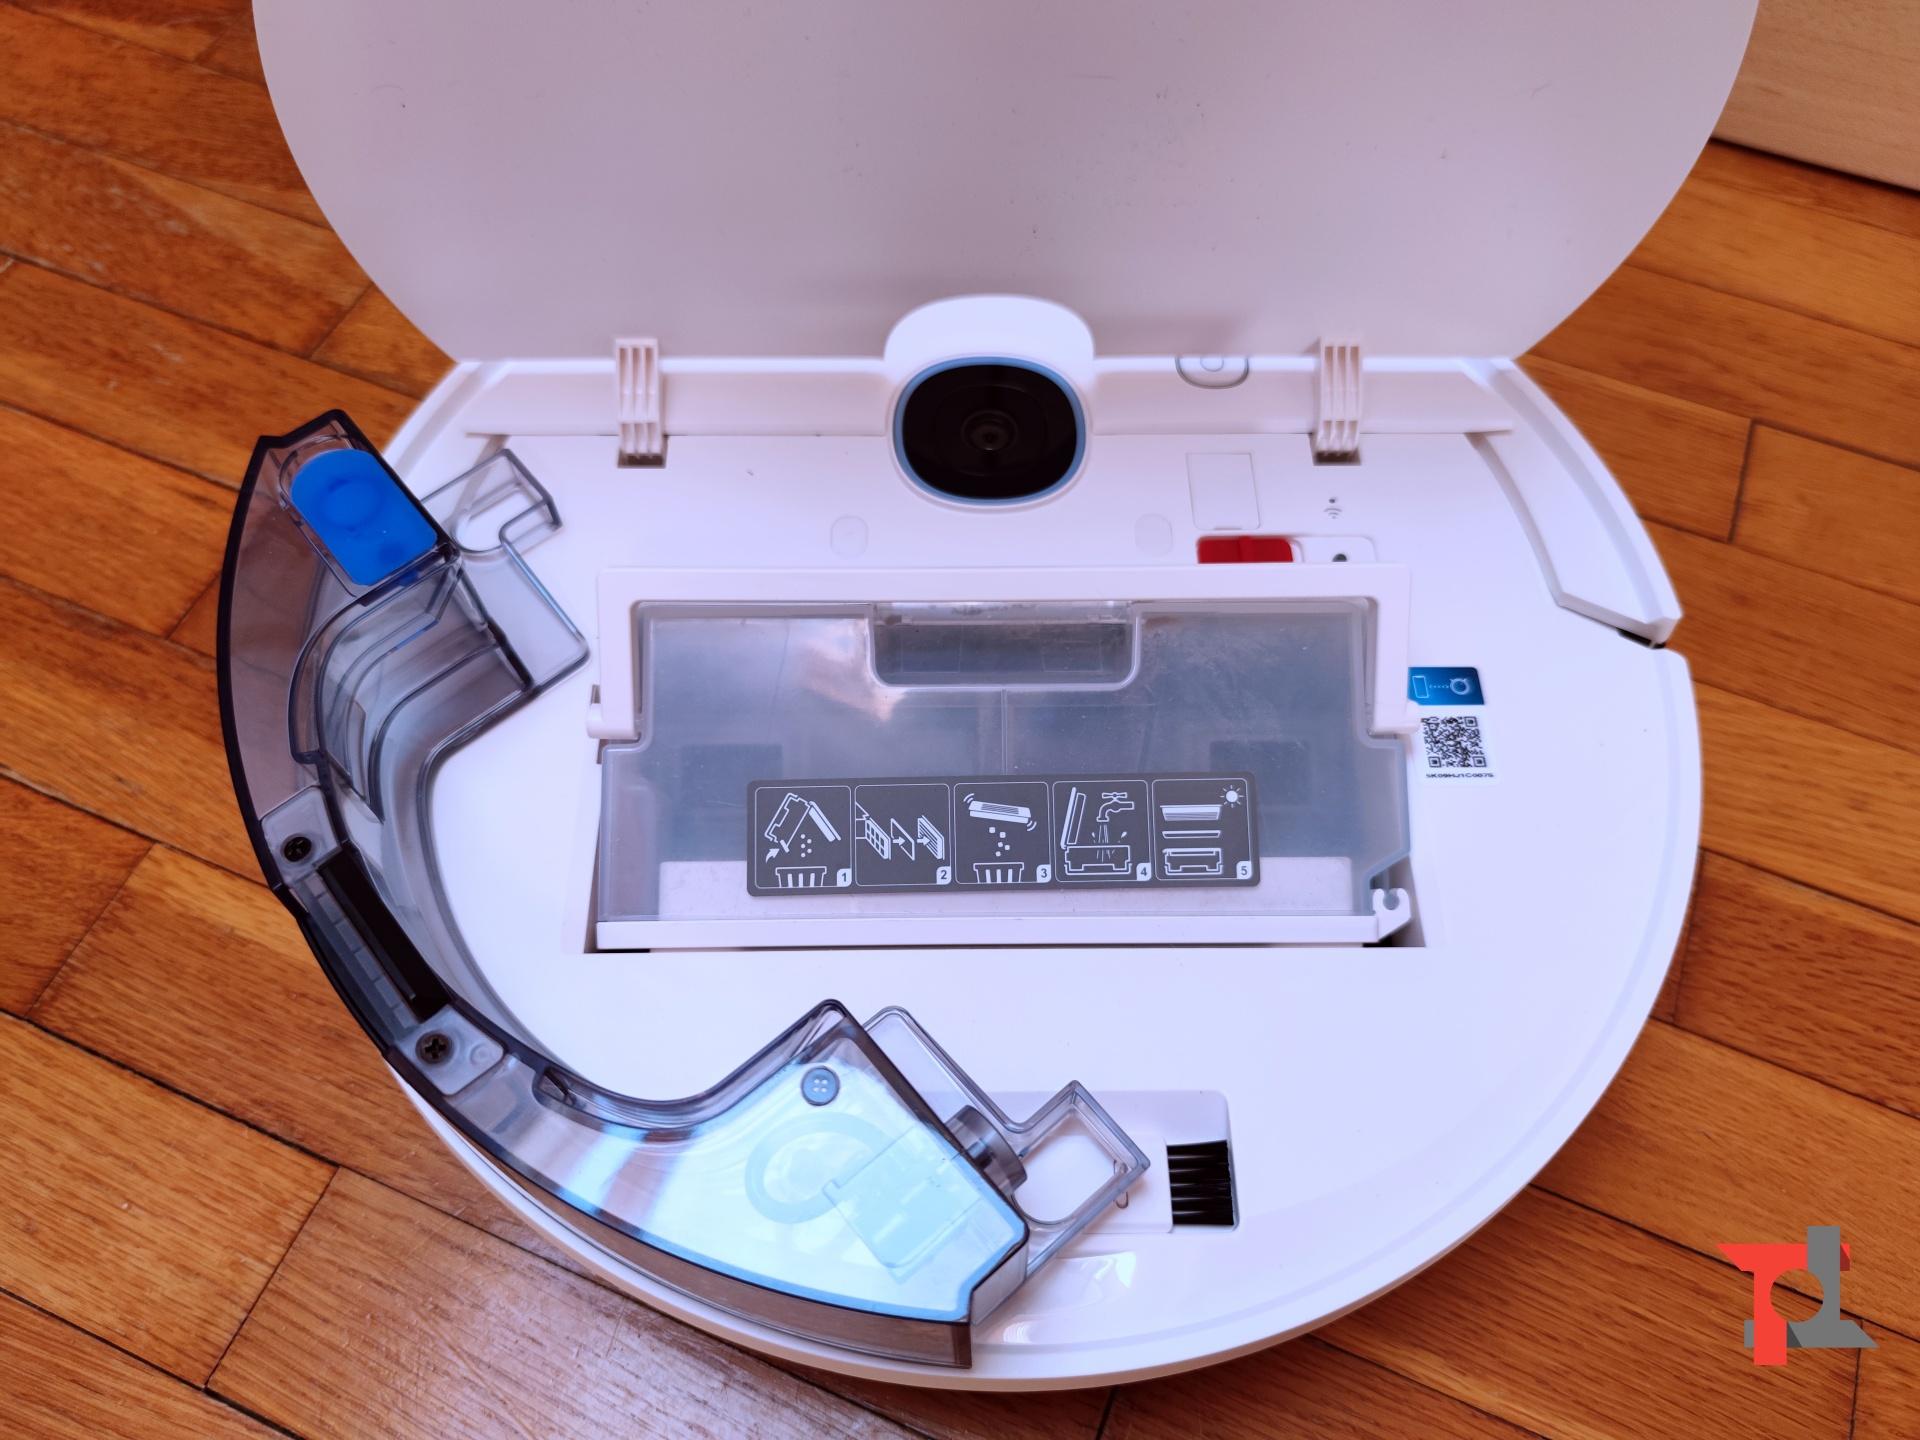 Recensione yeedi vac max, aspirapolvere robot dalla grande forza aspirante 4